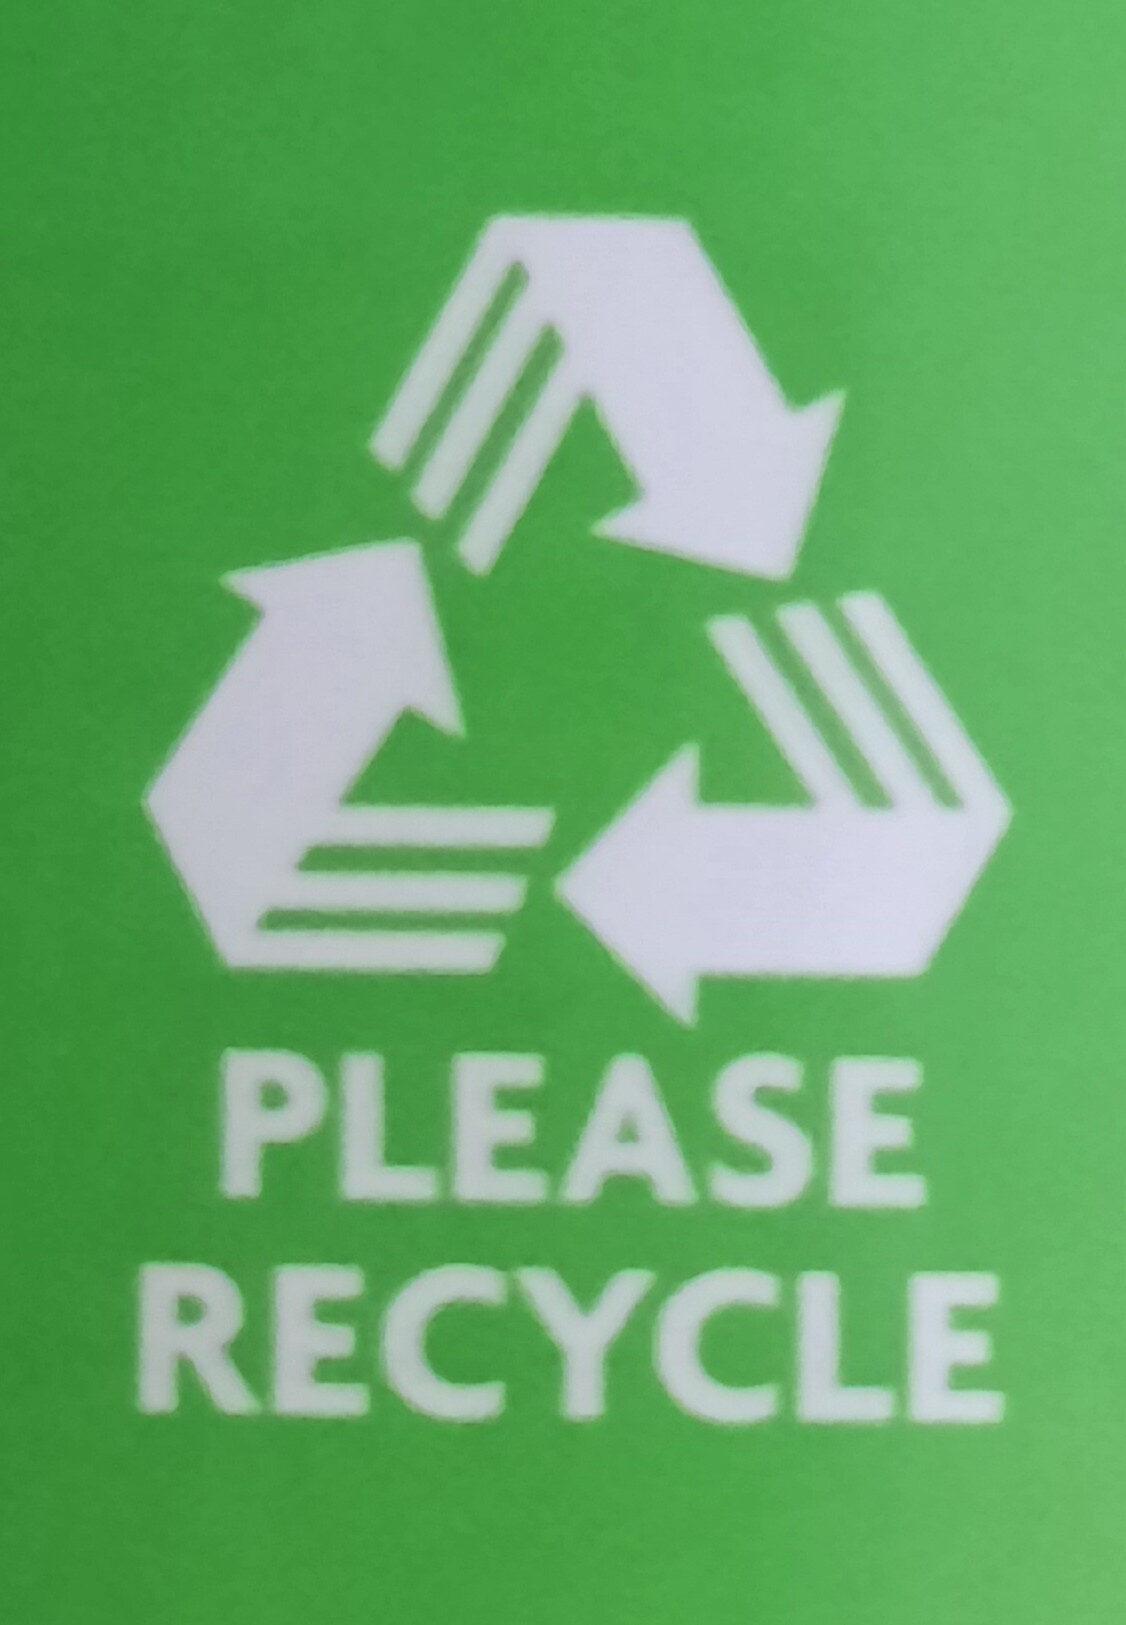 Mexican Style Chilli Beans - Istruzioni per il riciclaggio e/o informazioni sull'imballaggio - en